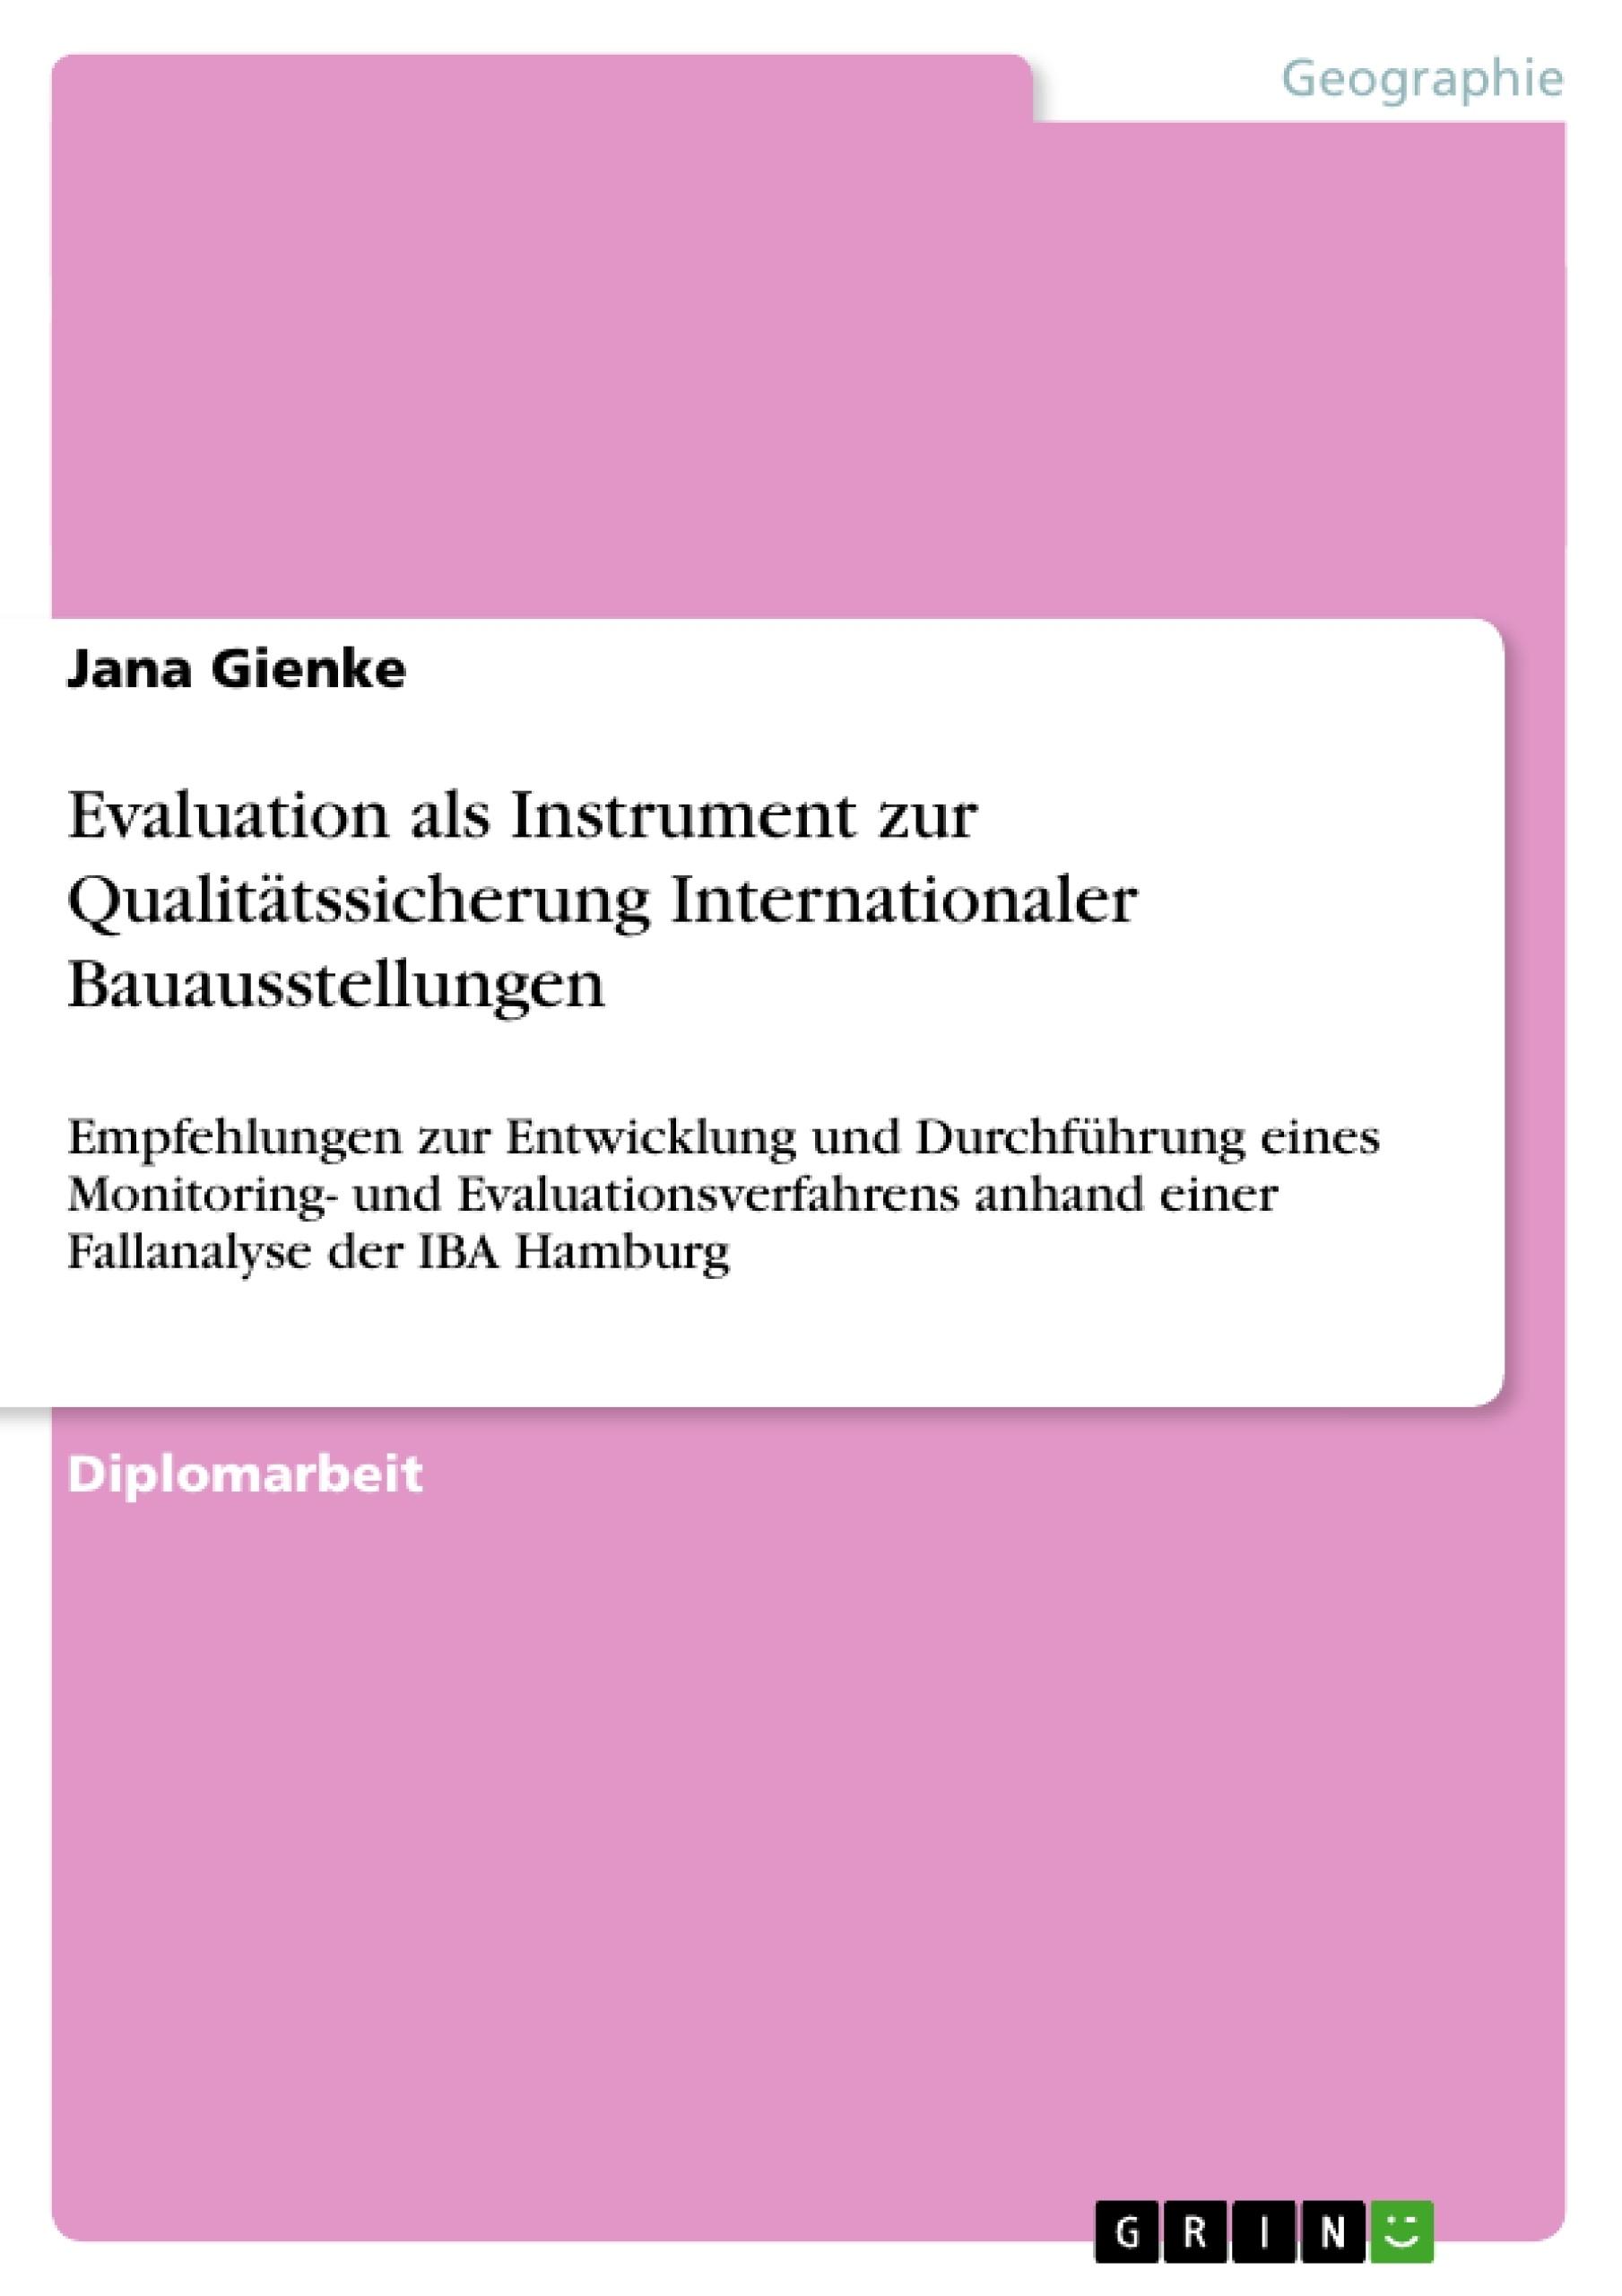 Titel: Evaluation als Instrument zur Qualitätssicherung Internationaler Bauausstellungen